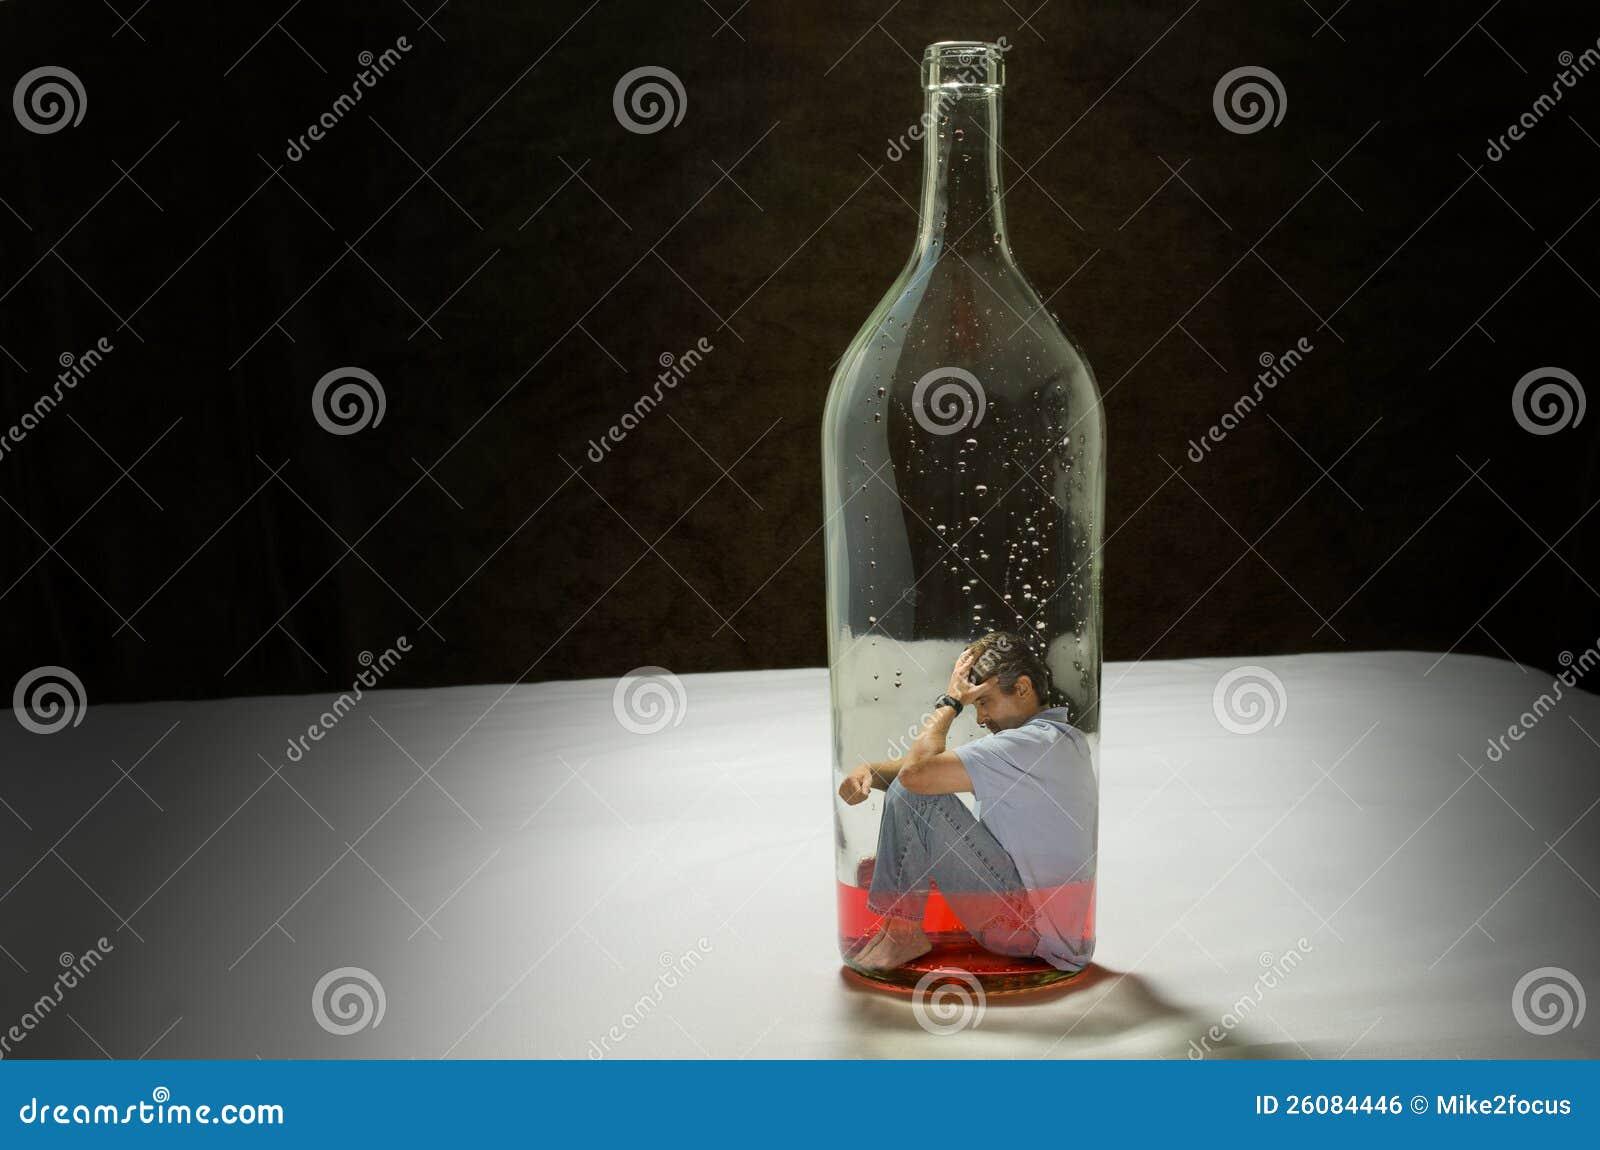 Το άτομο έθισε στην αλκοόλη που παγιδεύτηκε από τον αλκοολισμό